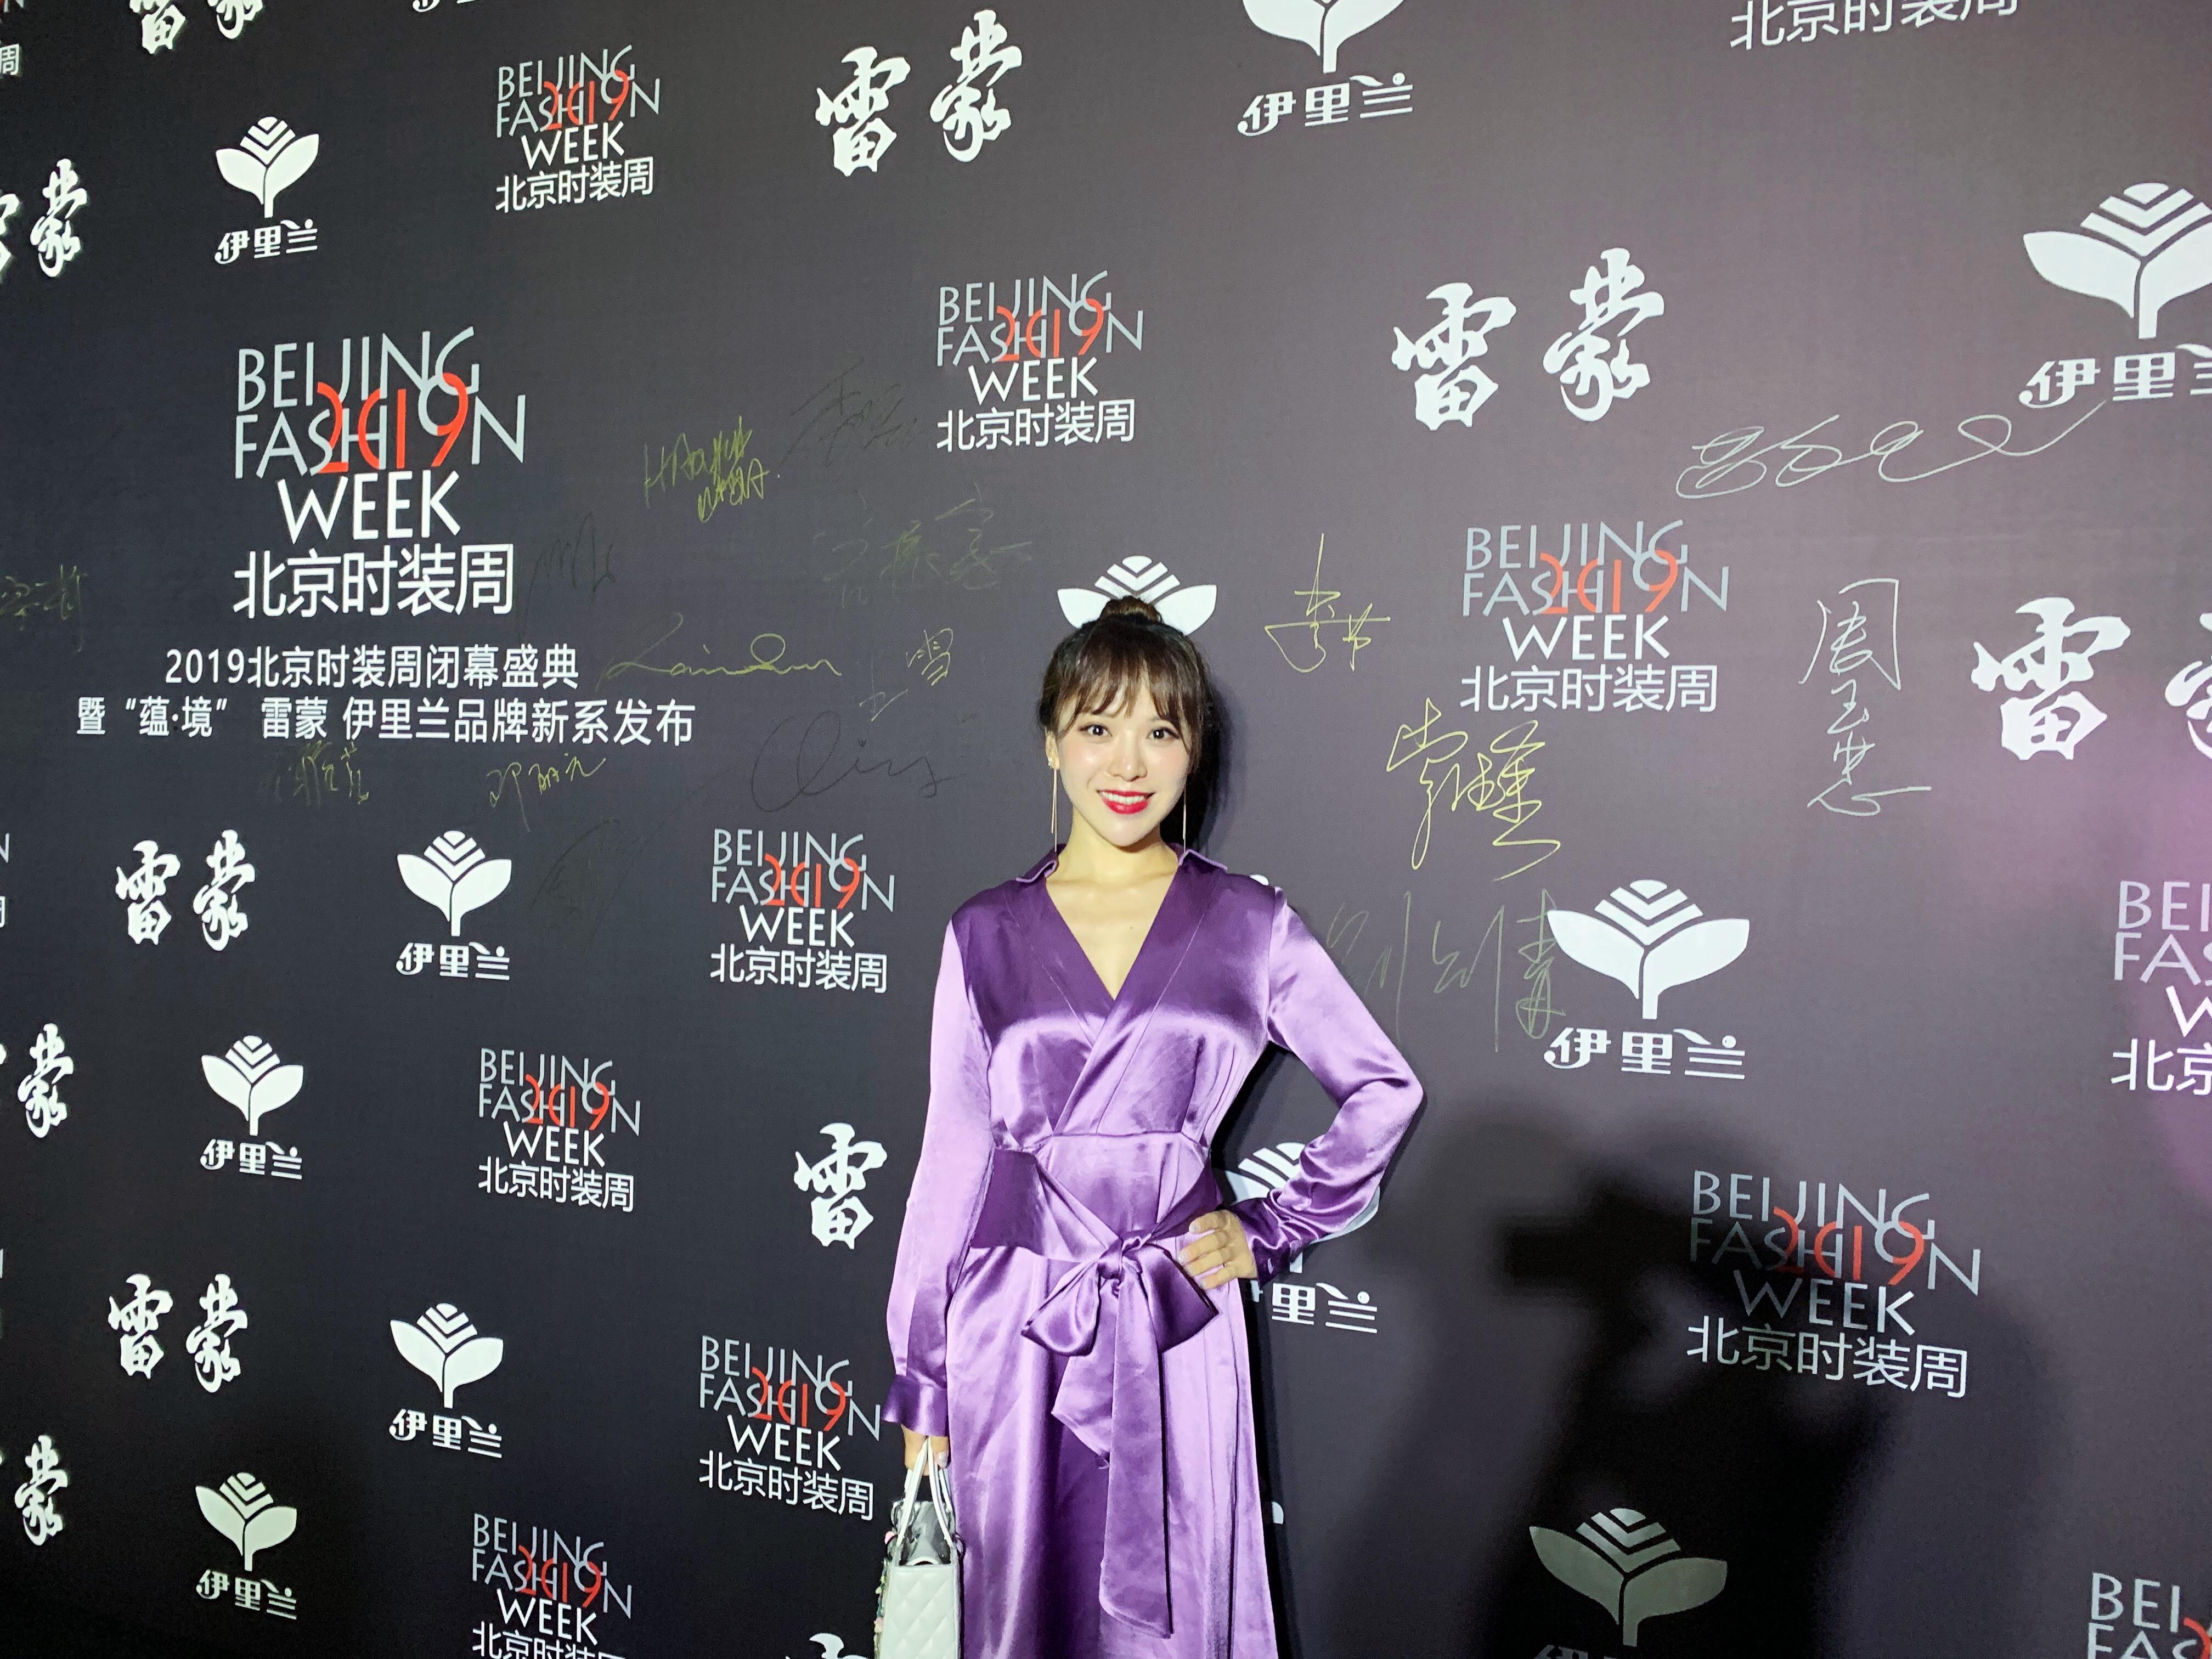 走在时尚潮流前沿罗心妍受邀参加2019北京时装周